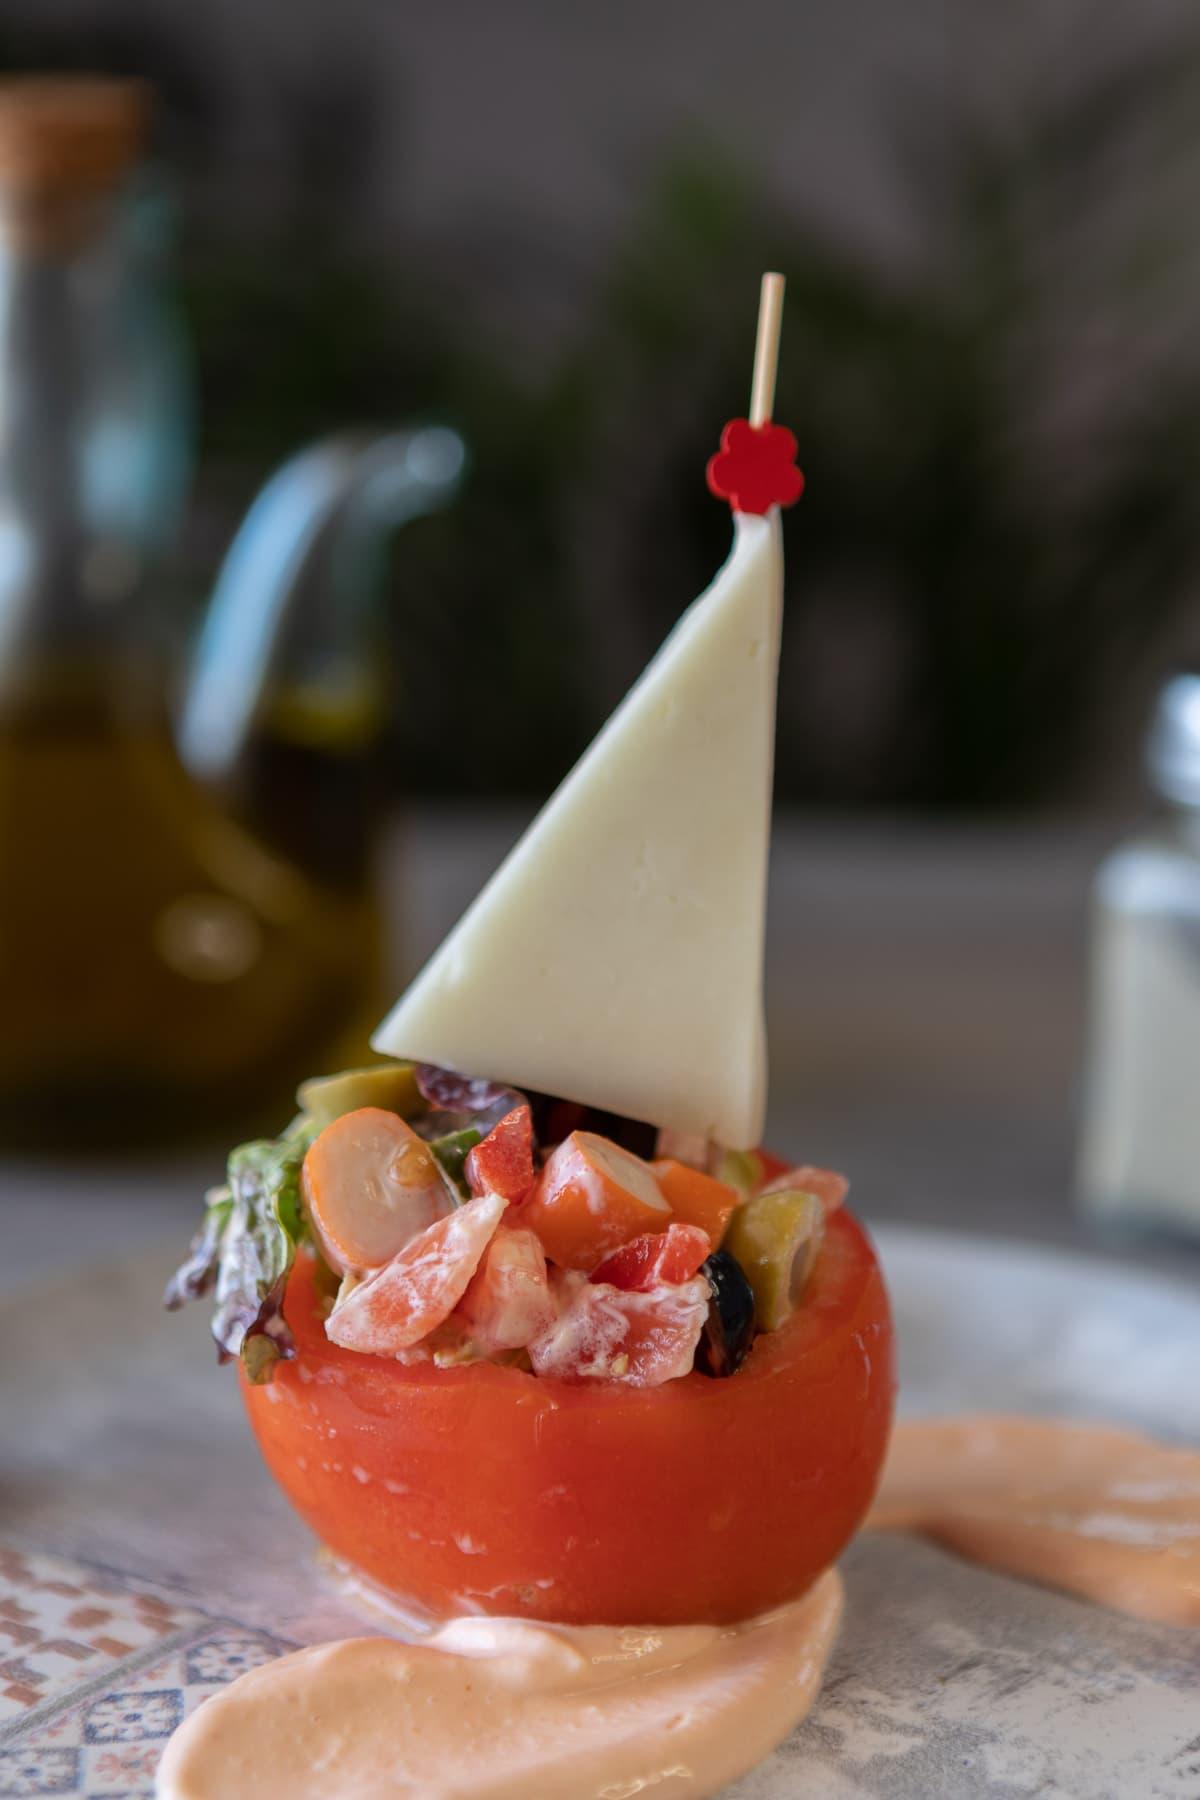 Barquillos rellenos de ensalada y verdurita